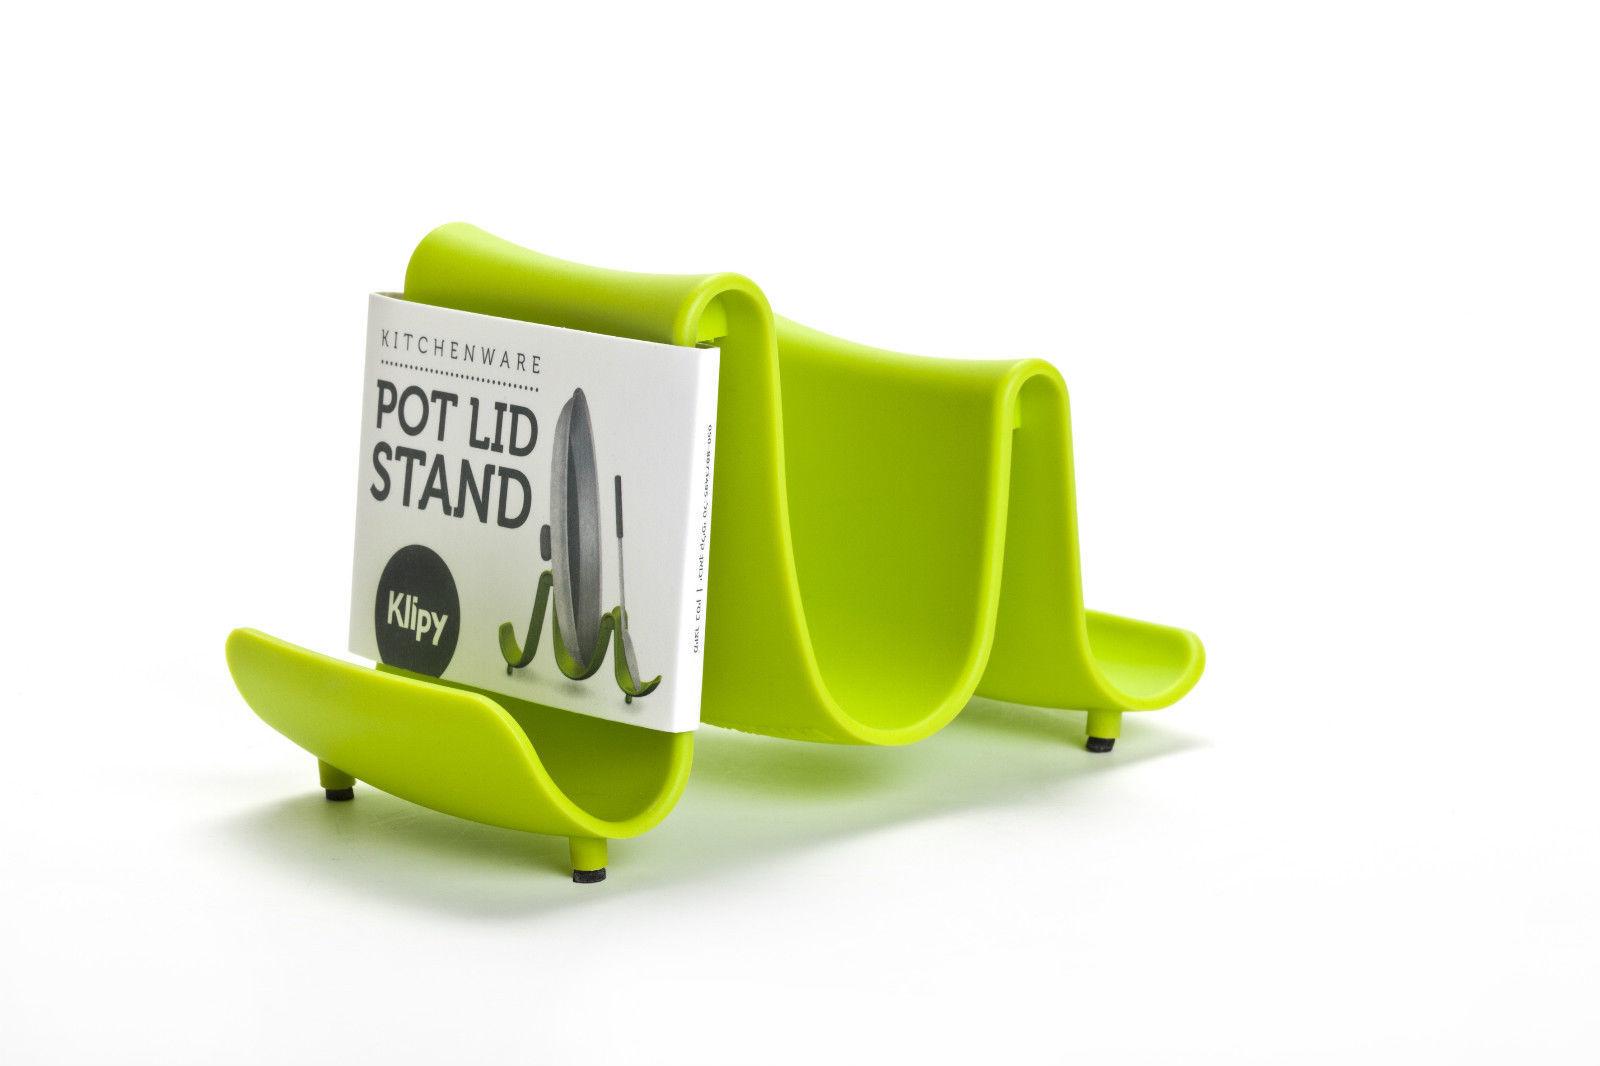 Original Design Gadget Stands IPad Tablet iPhone Kitchen Pot Lid Racks Holders